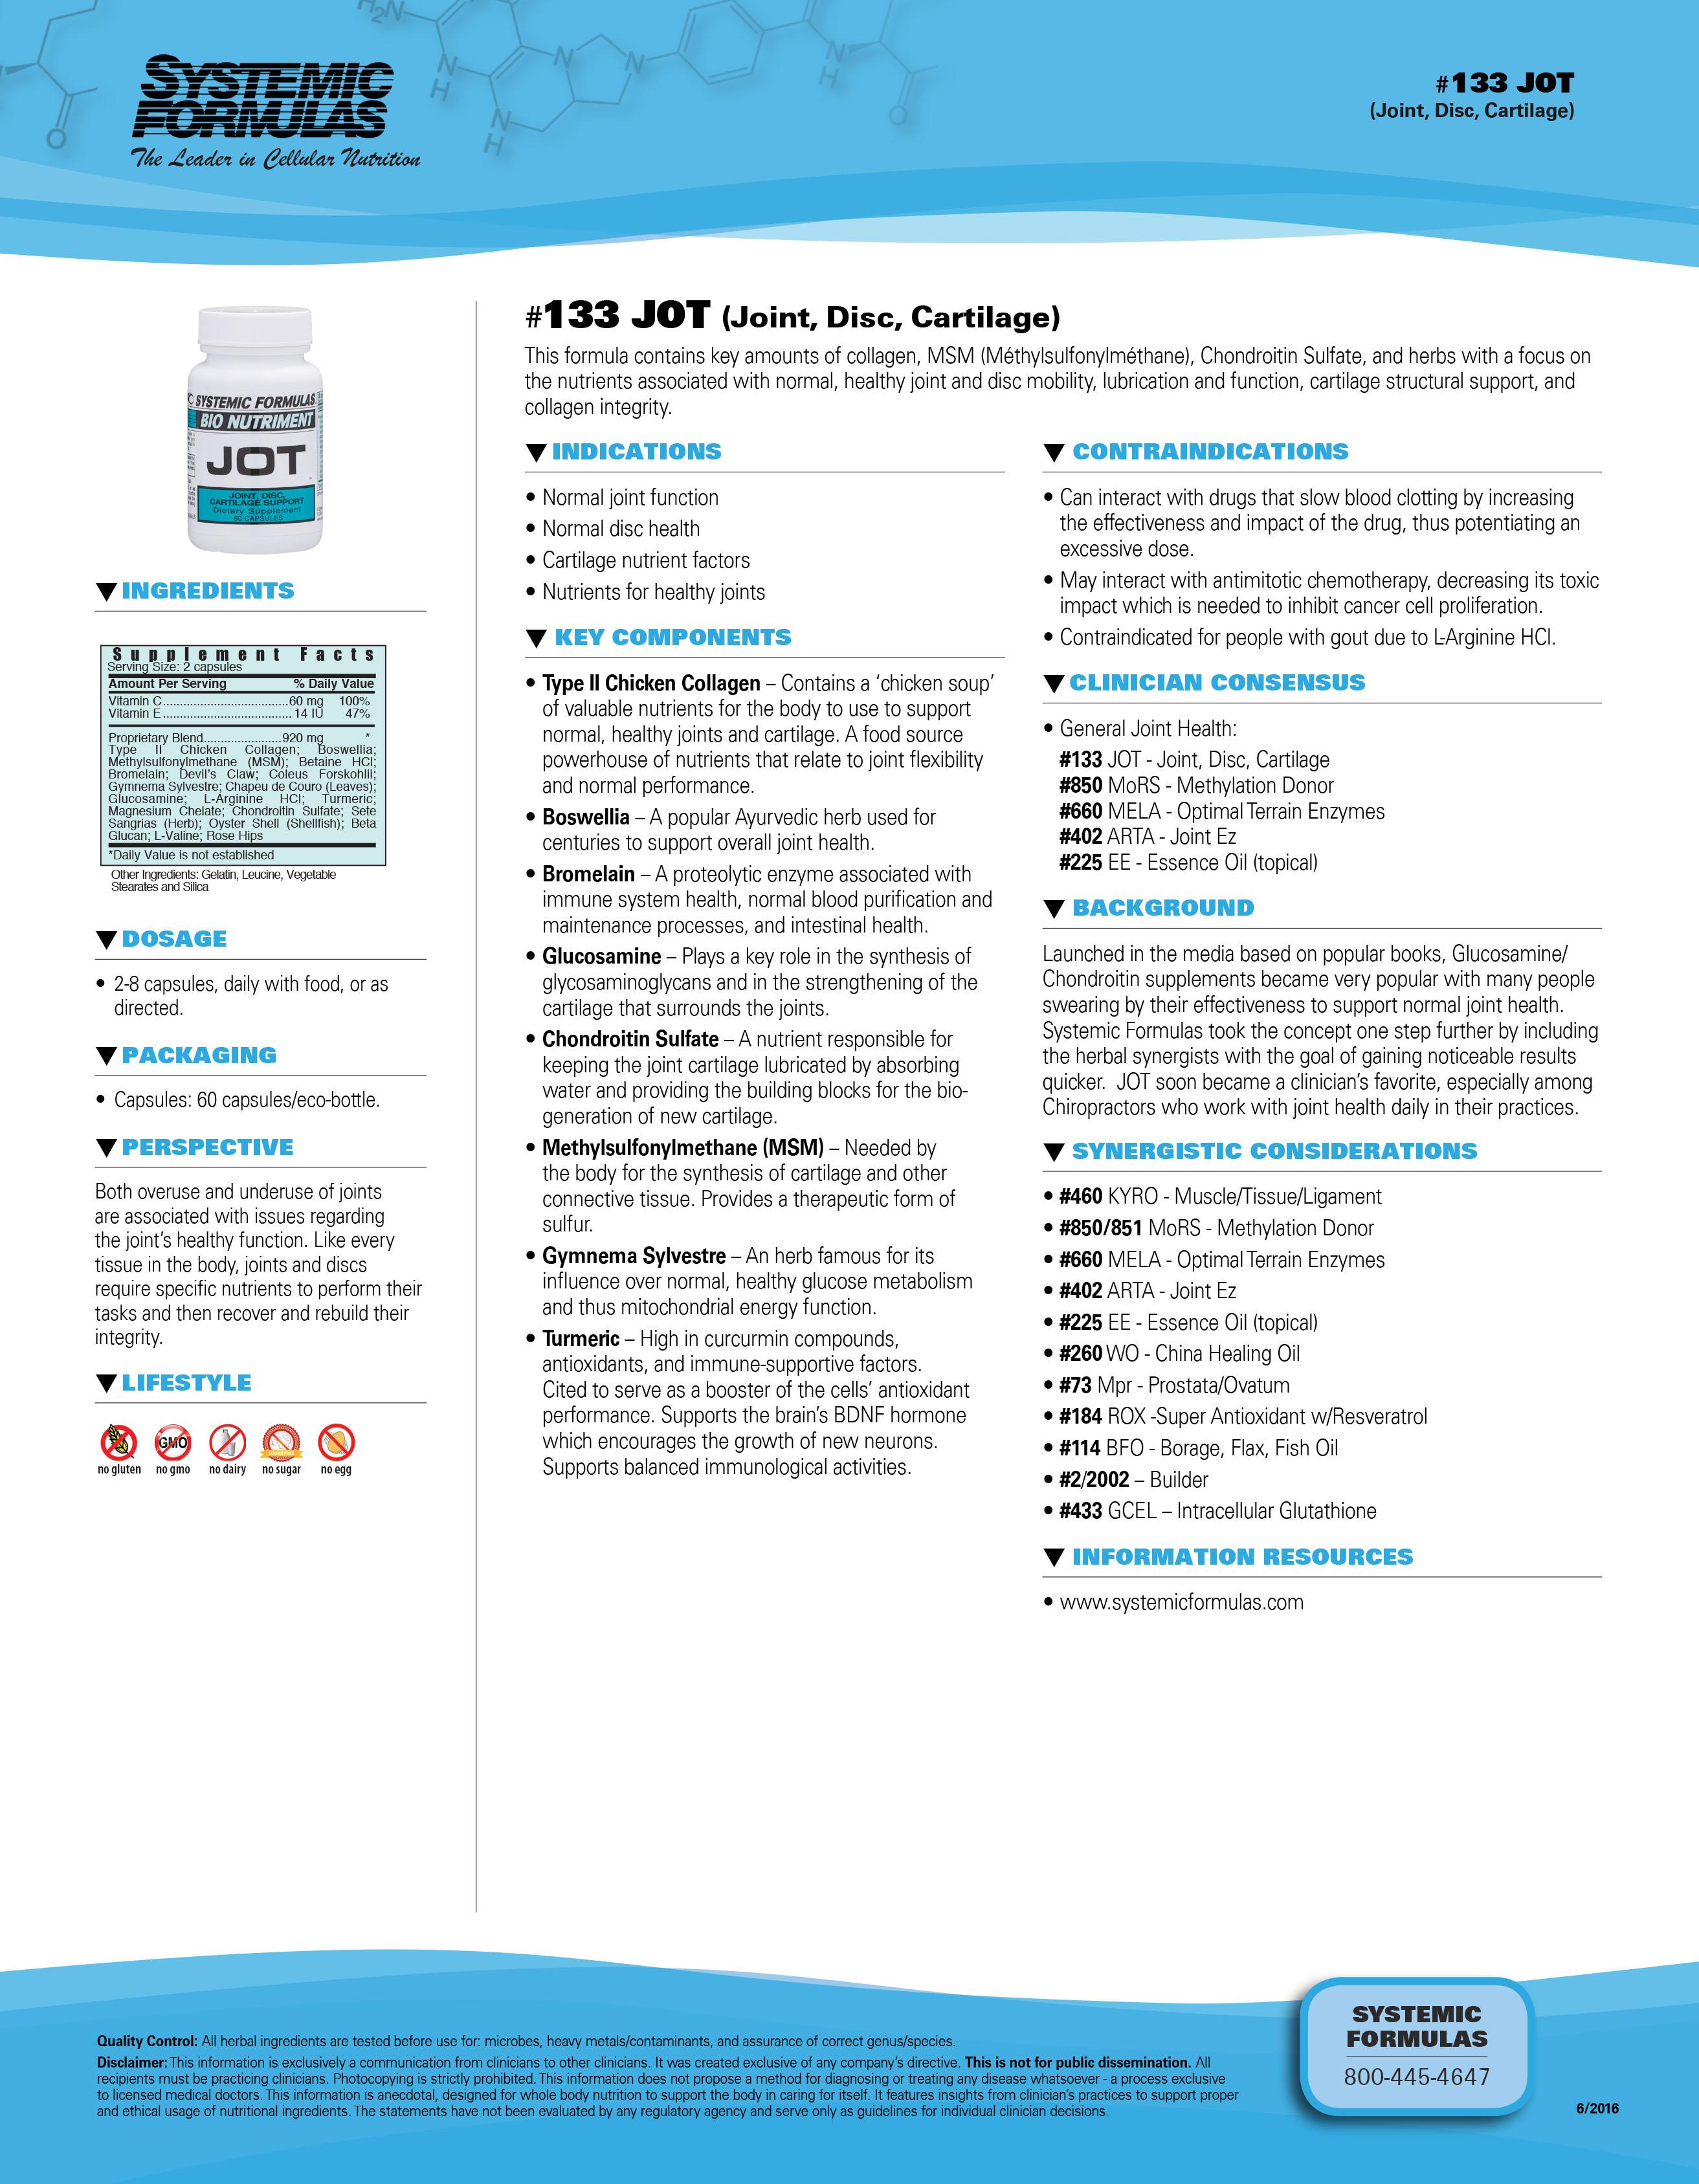 #133 JOT (Joint, Disc, Cartilage)